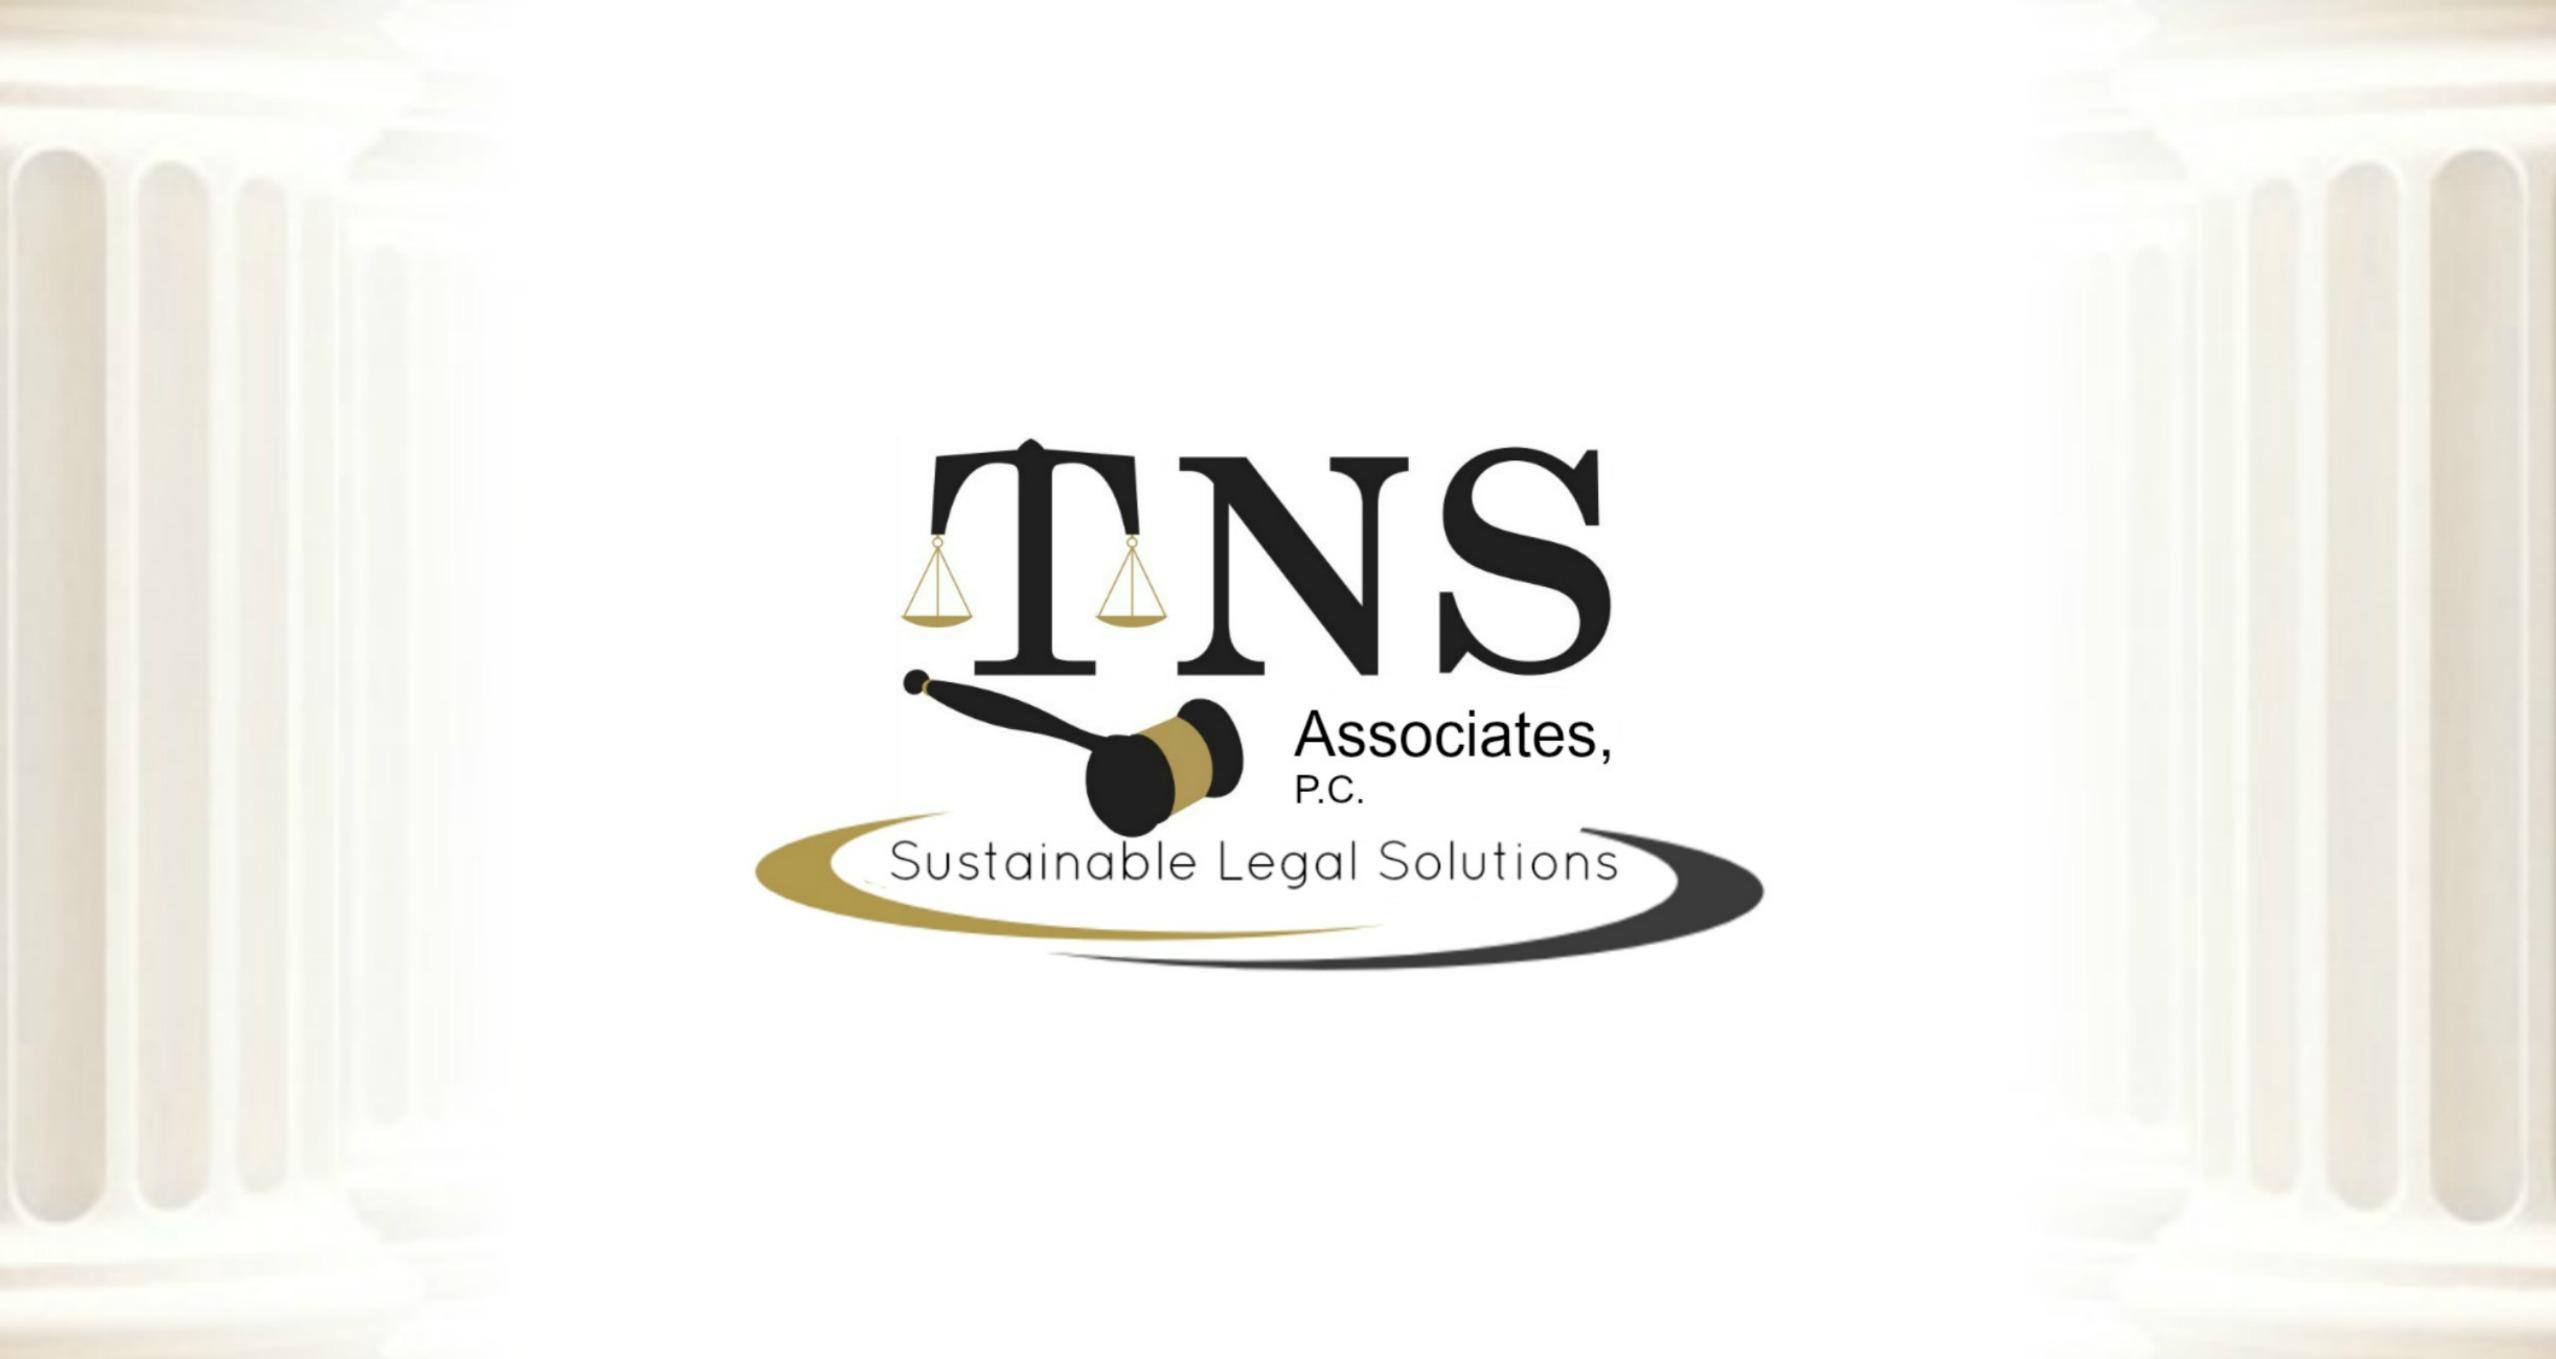 TNS Associates